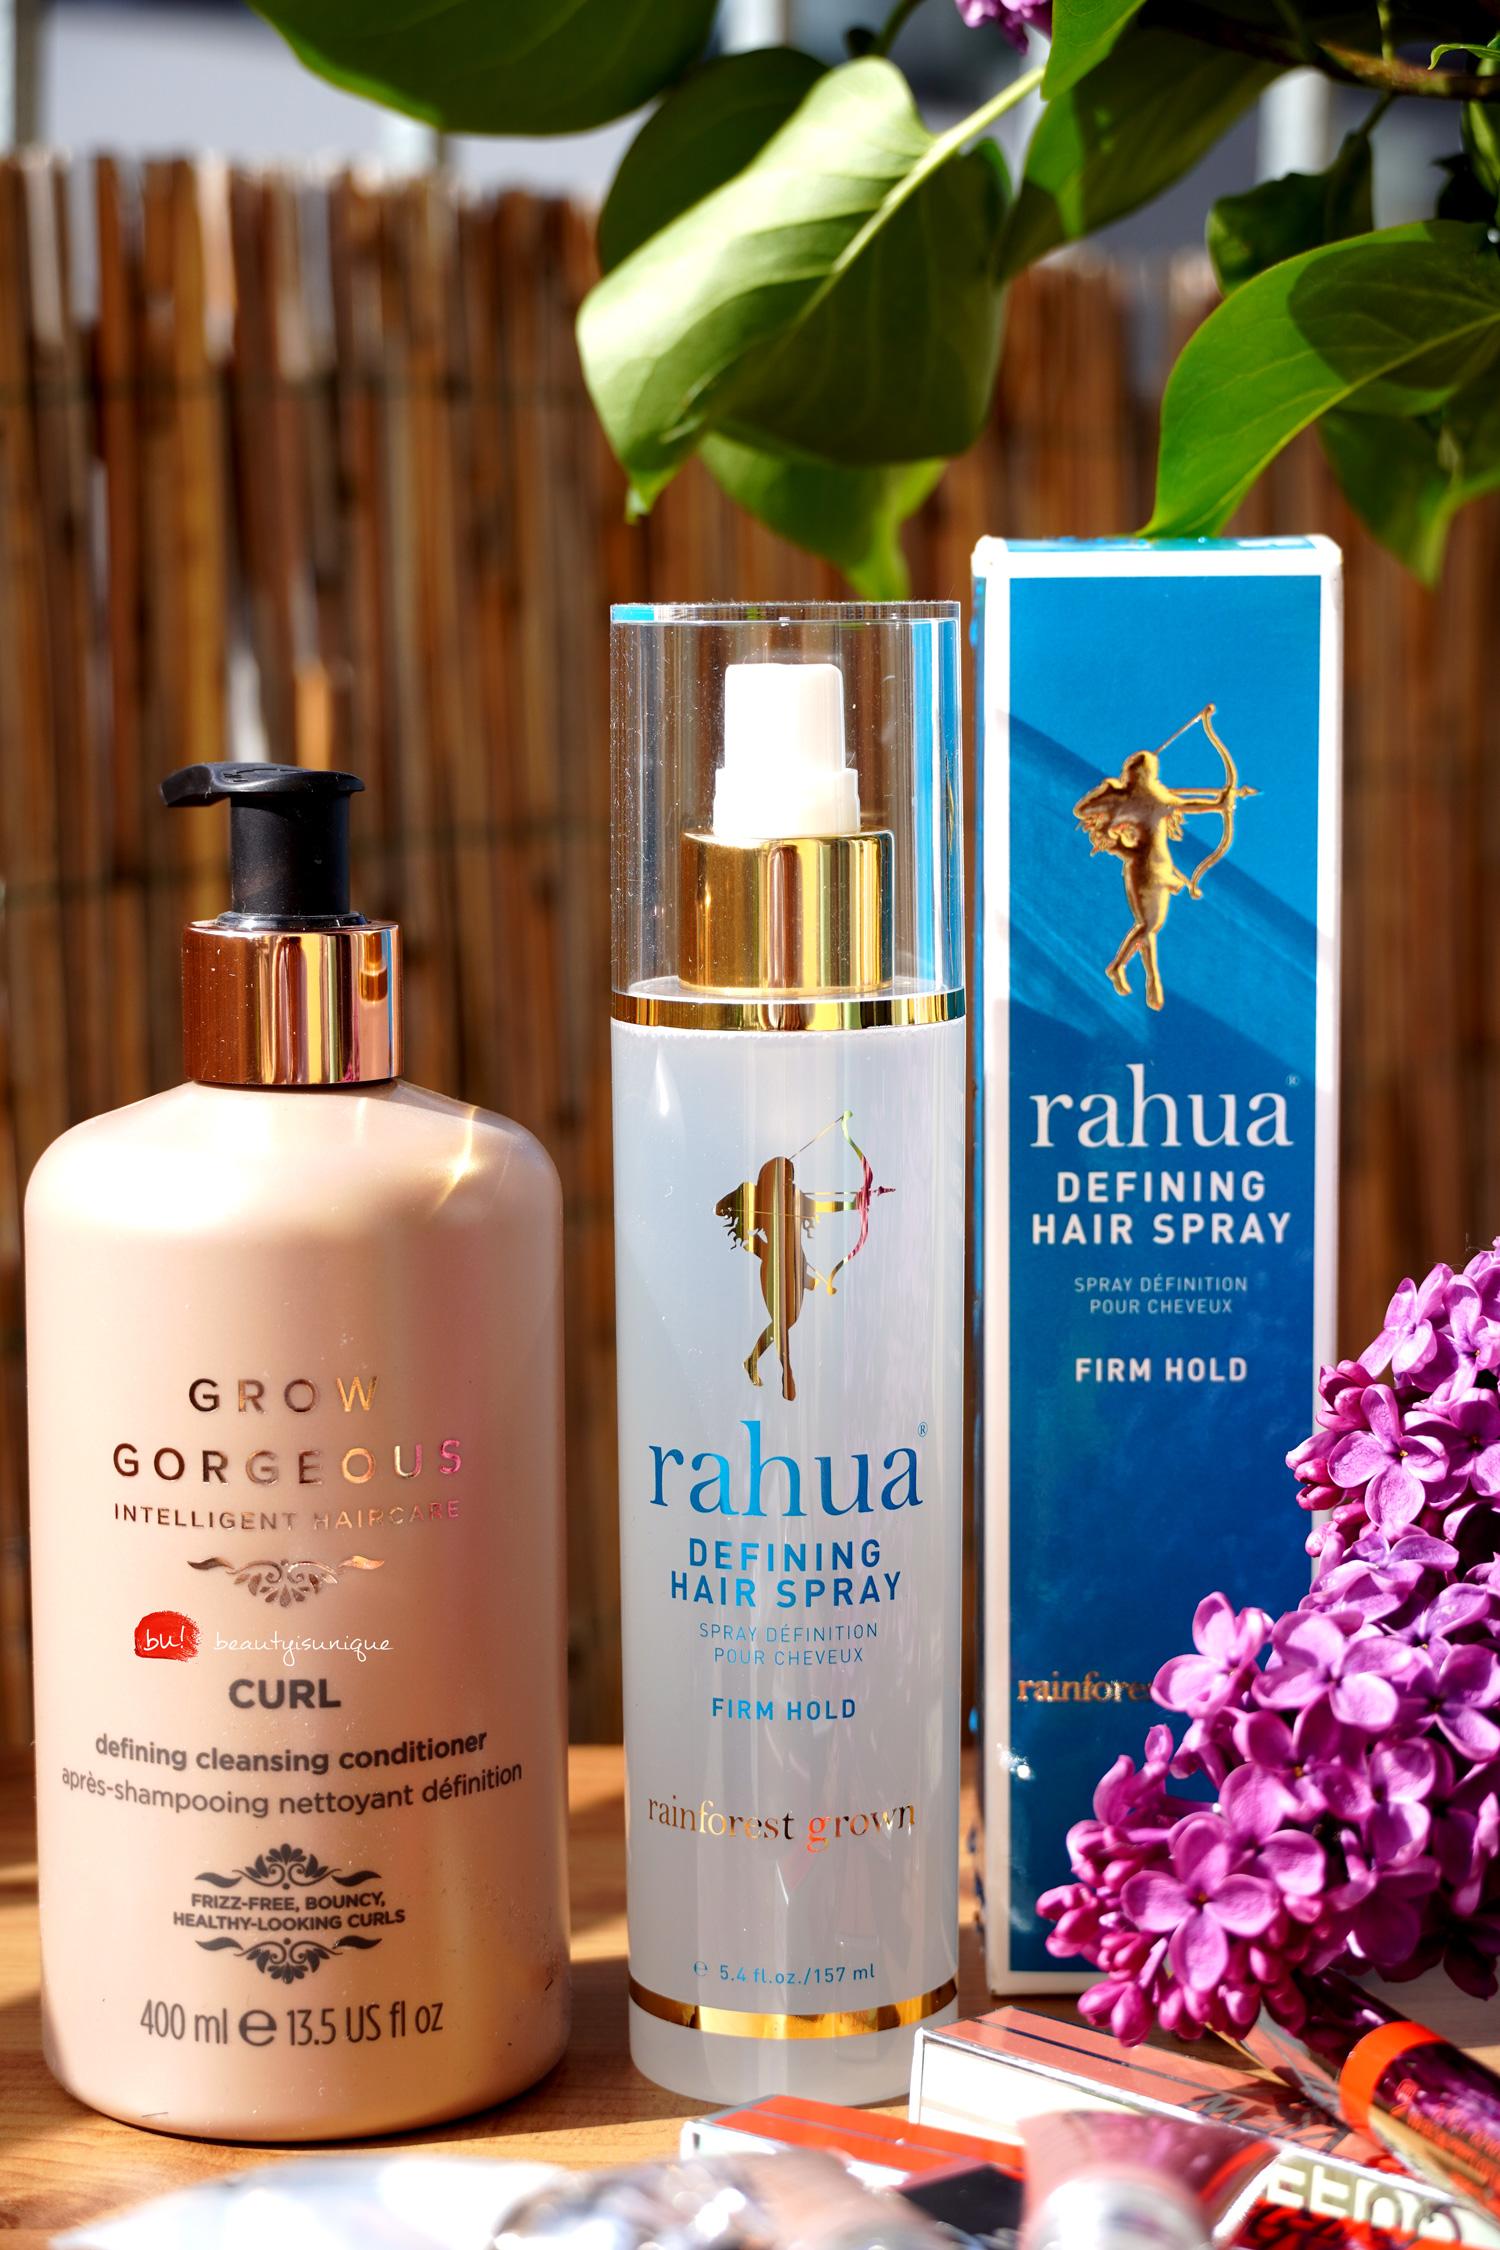 rahua-defining-hair-spray